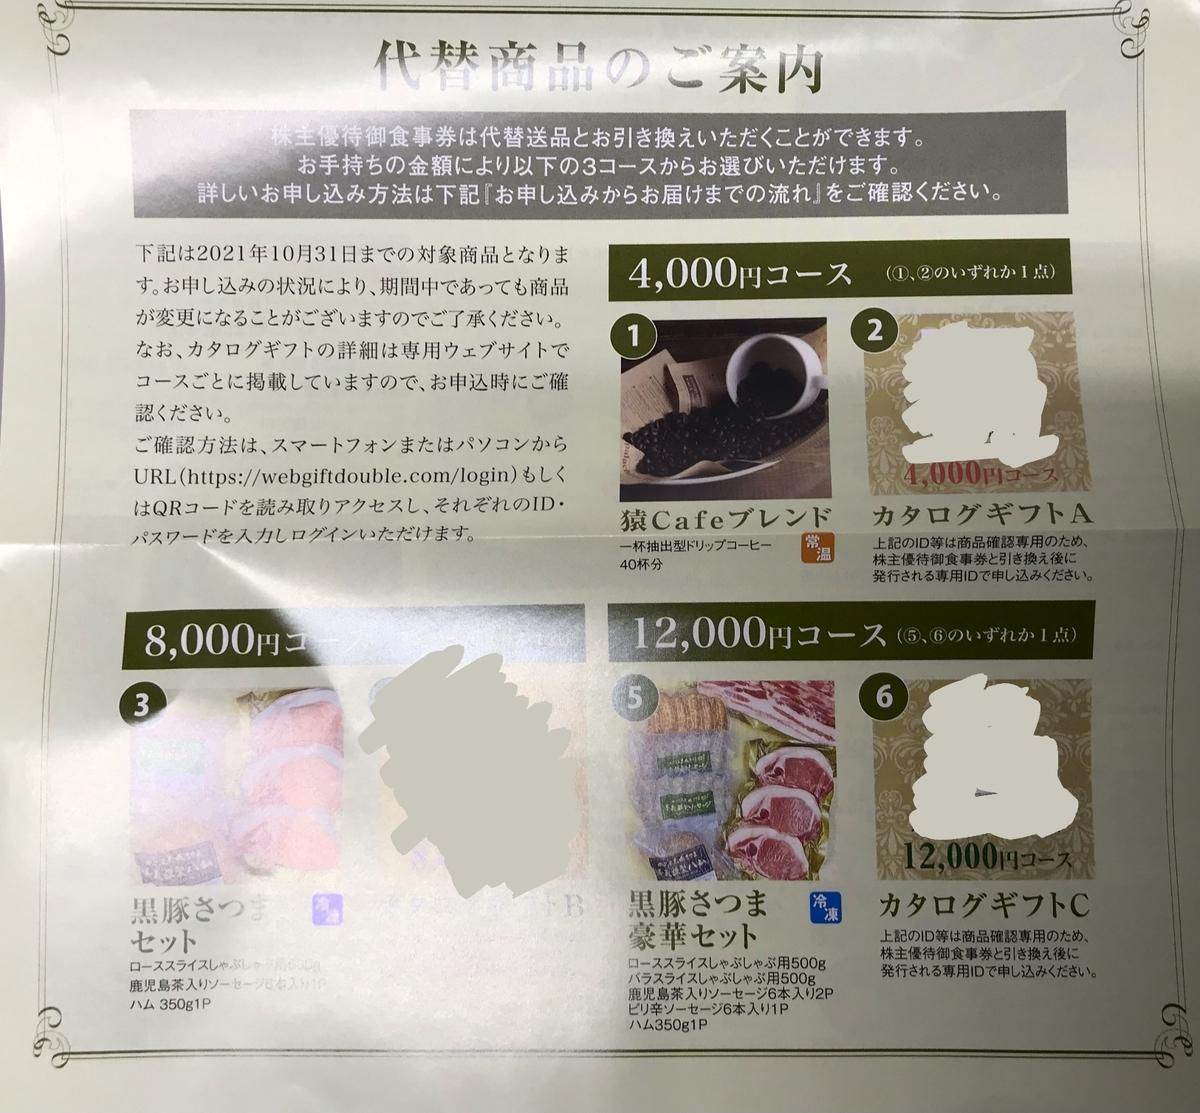 f:id:taokami:20210603193420j:plain